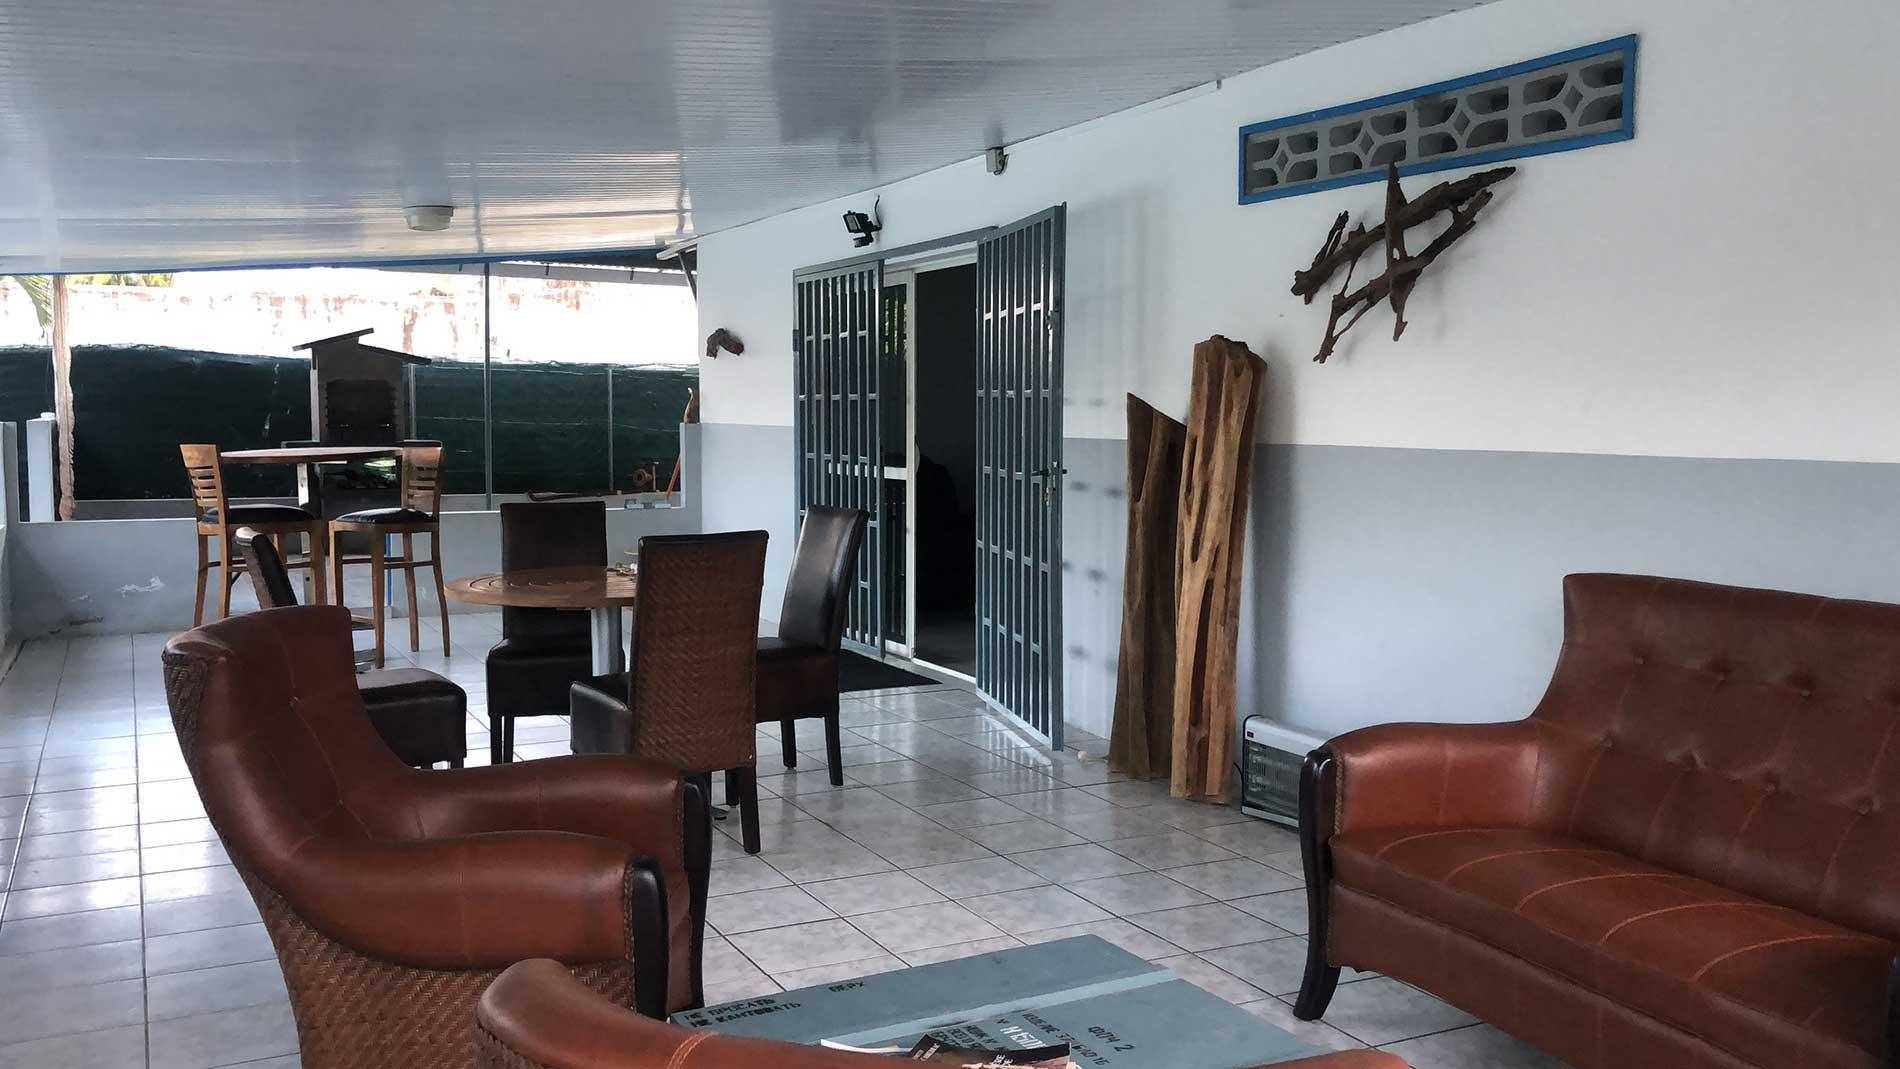 Vue générale de la terrasse avec son espace détente (deux fauteuils et un canapé), sa table pour quatre personnes en teck et sa table haute pour deux personnes. En fond on distingue le barbecue commun.